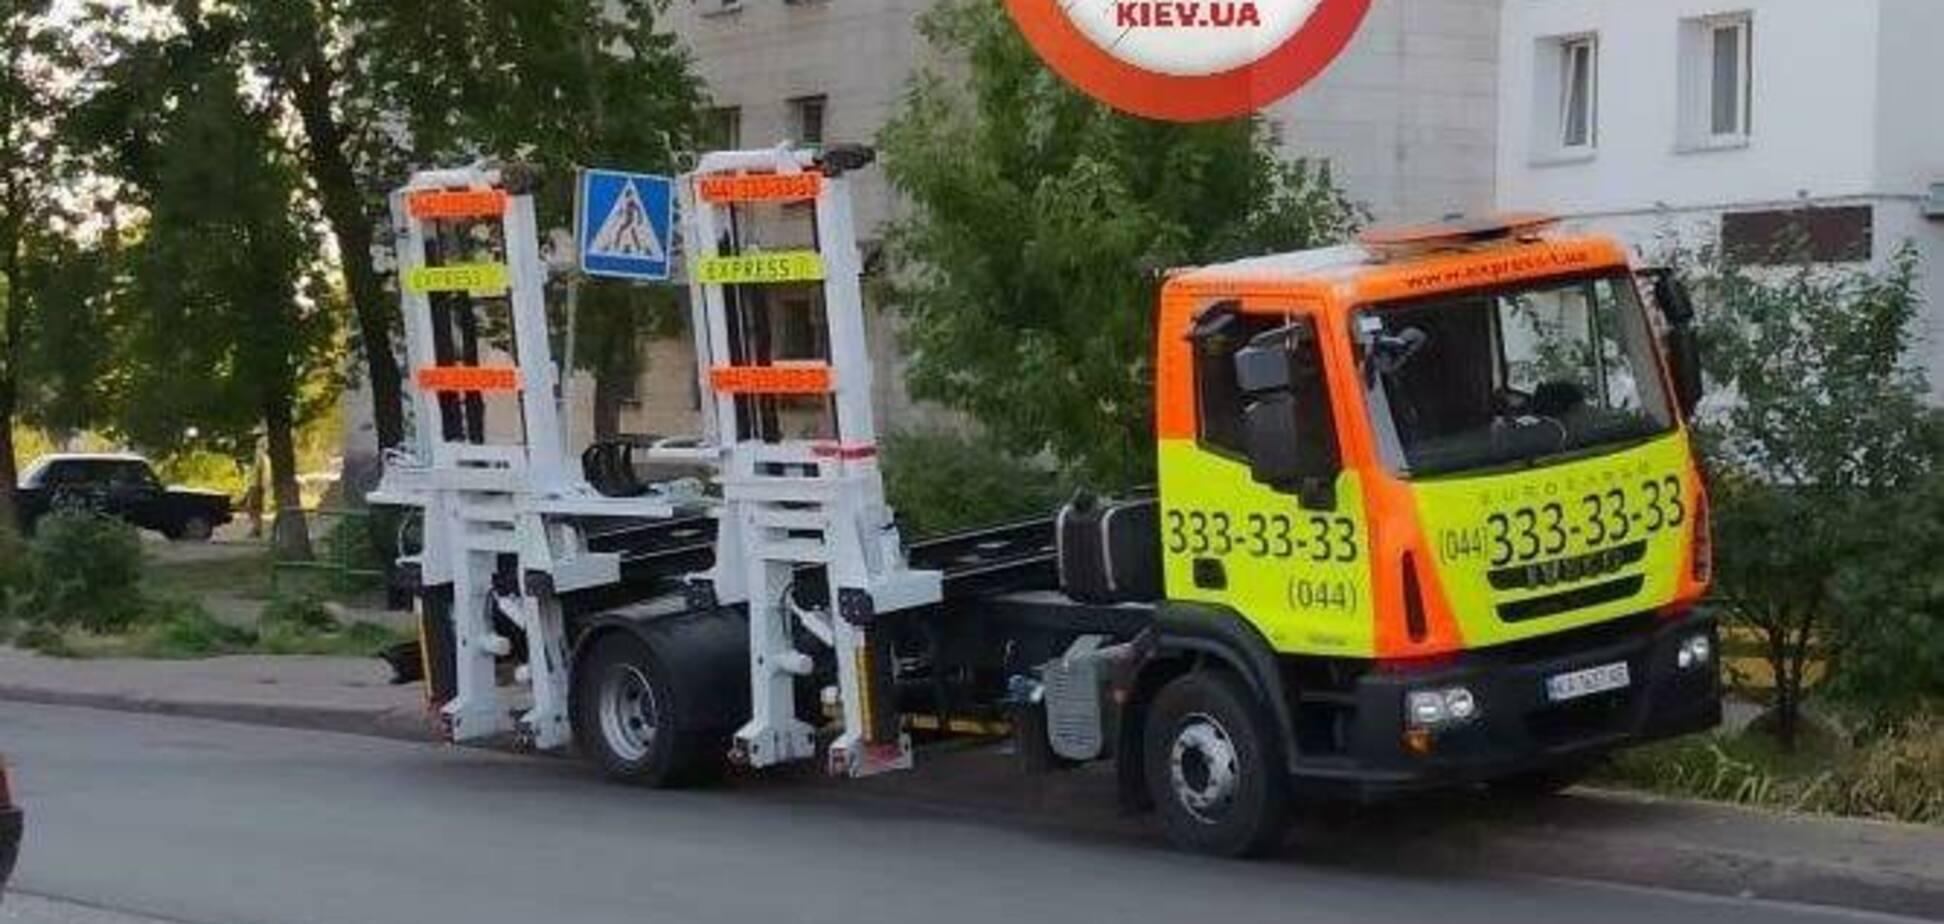 У Києві на порушенні ПДР зловили 'головного борця' з героями паркування